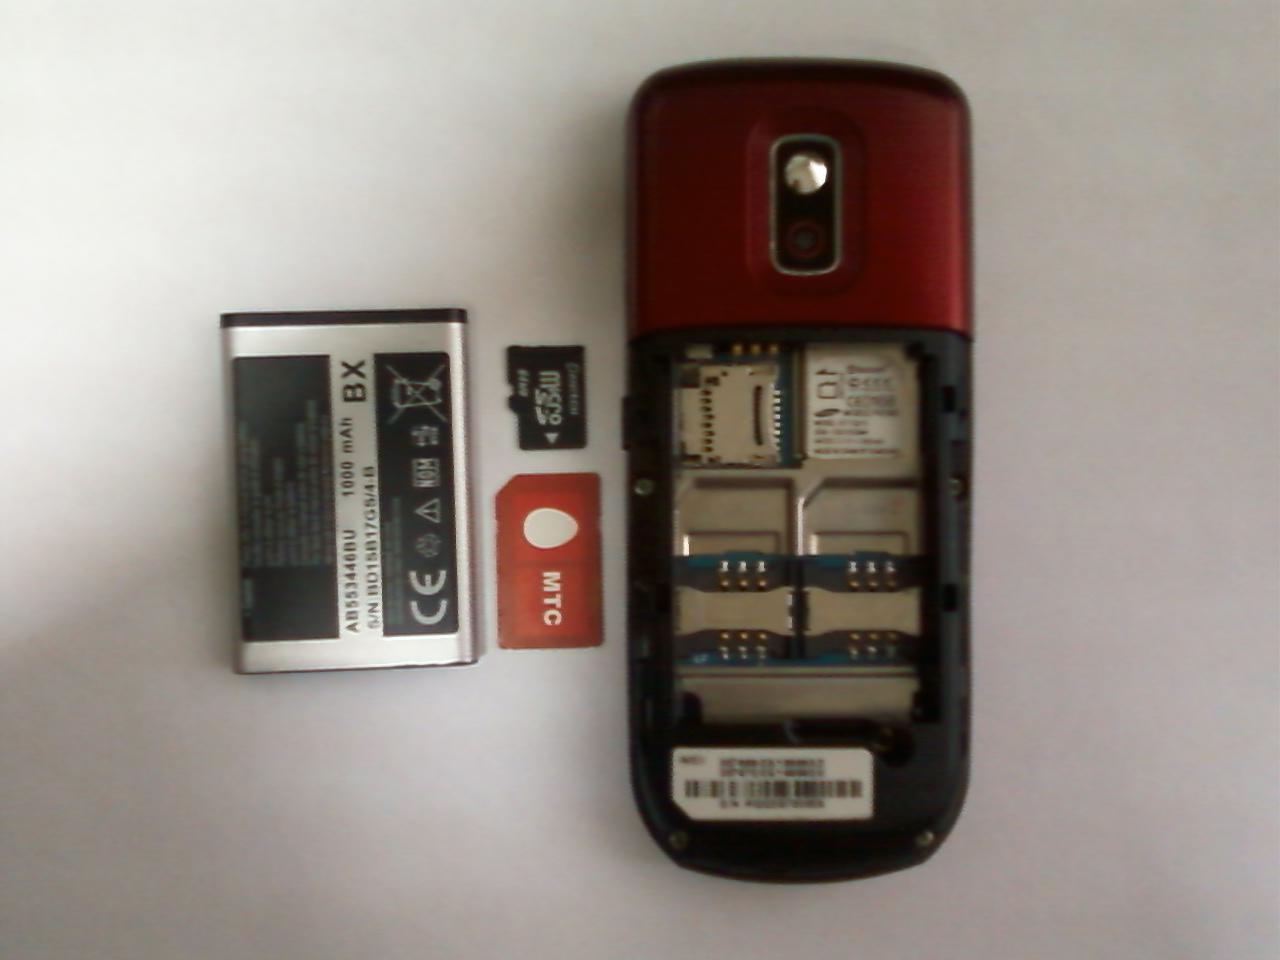 инструкция по эксплуатации телефона samsung s8000